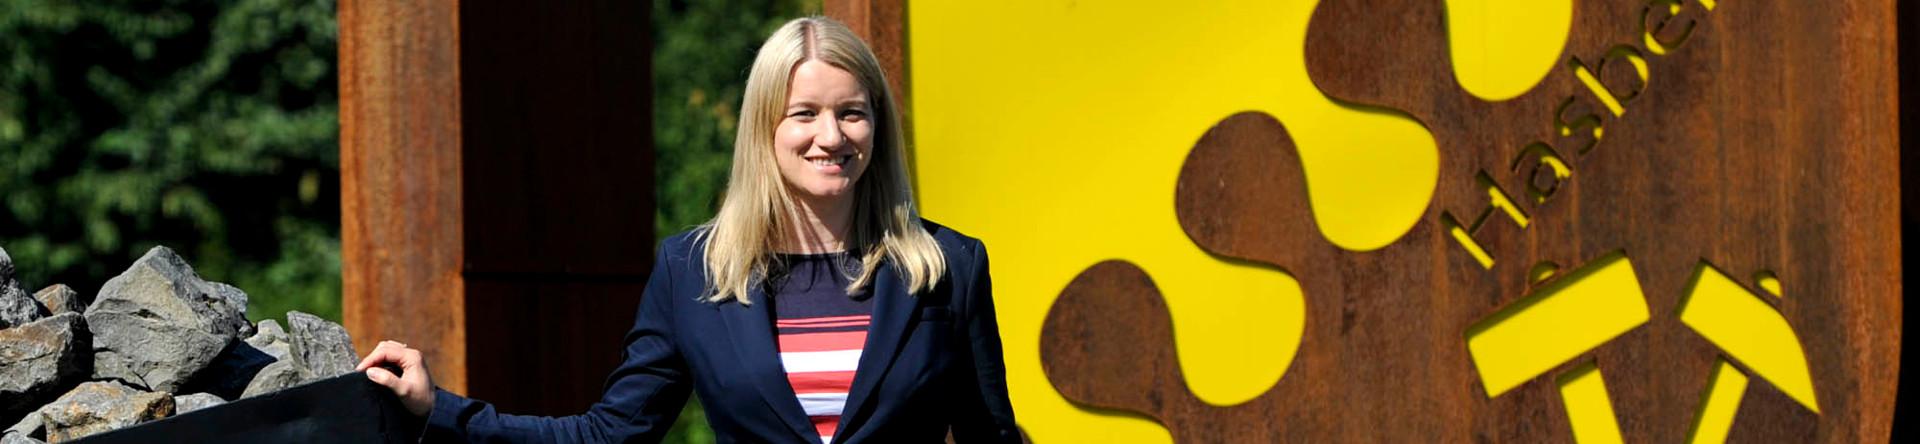 Kathrin Wahlmann, SPD, Spitzenkanditatin in Hasbergen